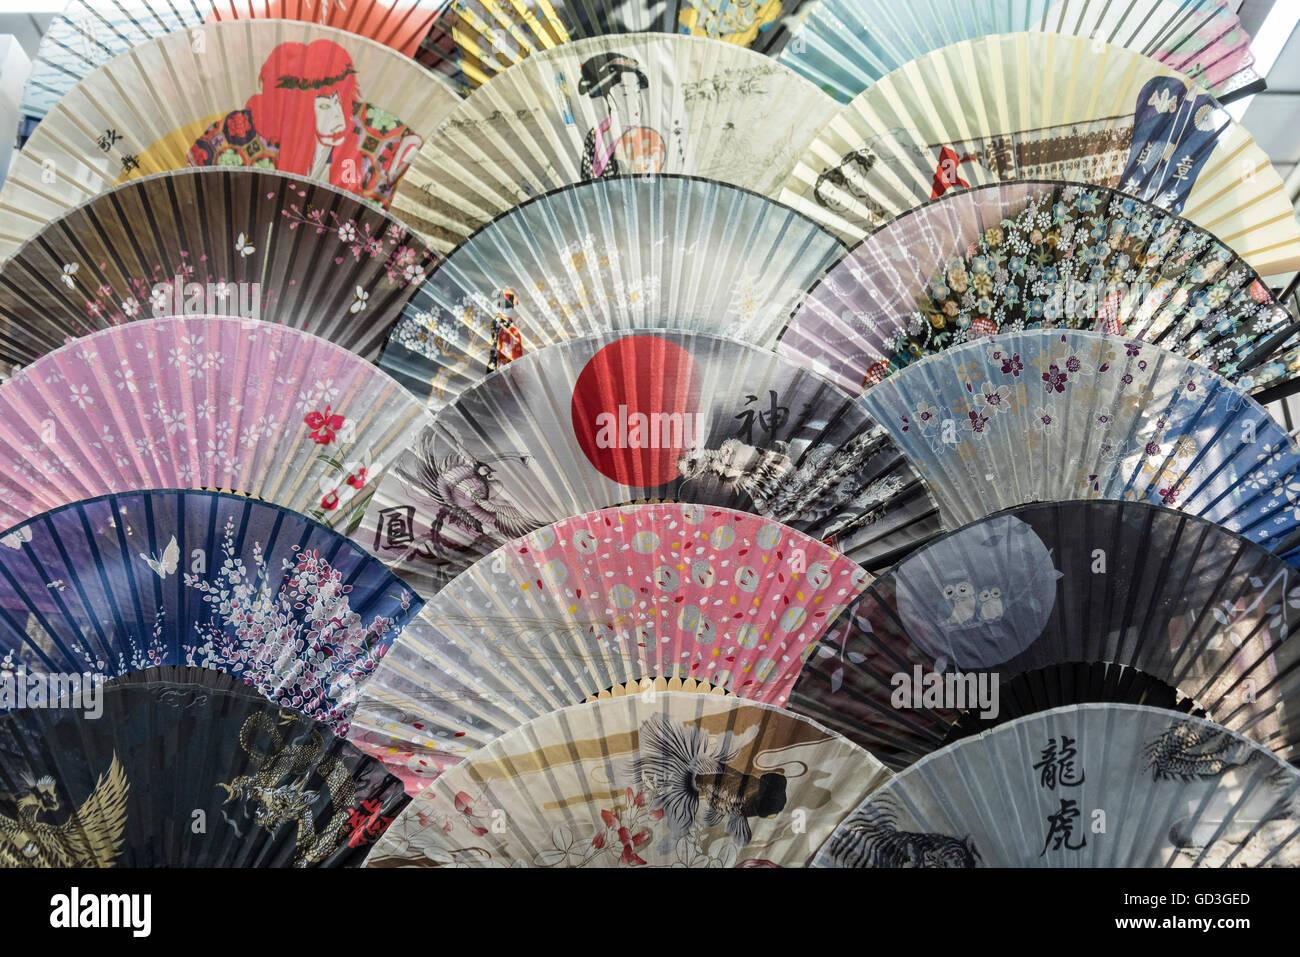 Tradizionale Giapponese ventole a mano, Asakusa, Tokyo, Giappone Immagini Stock